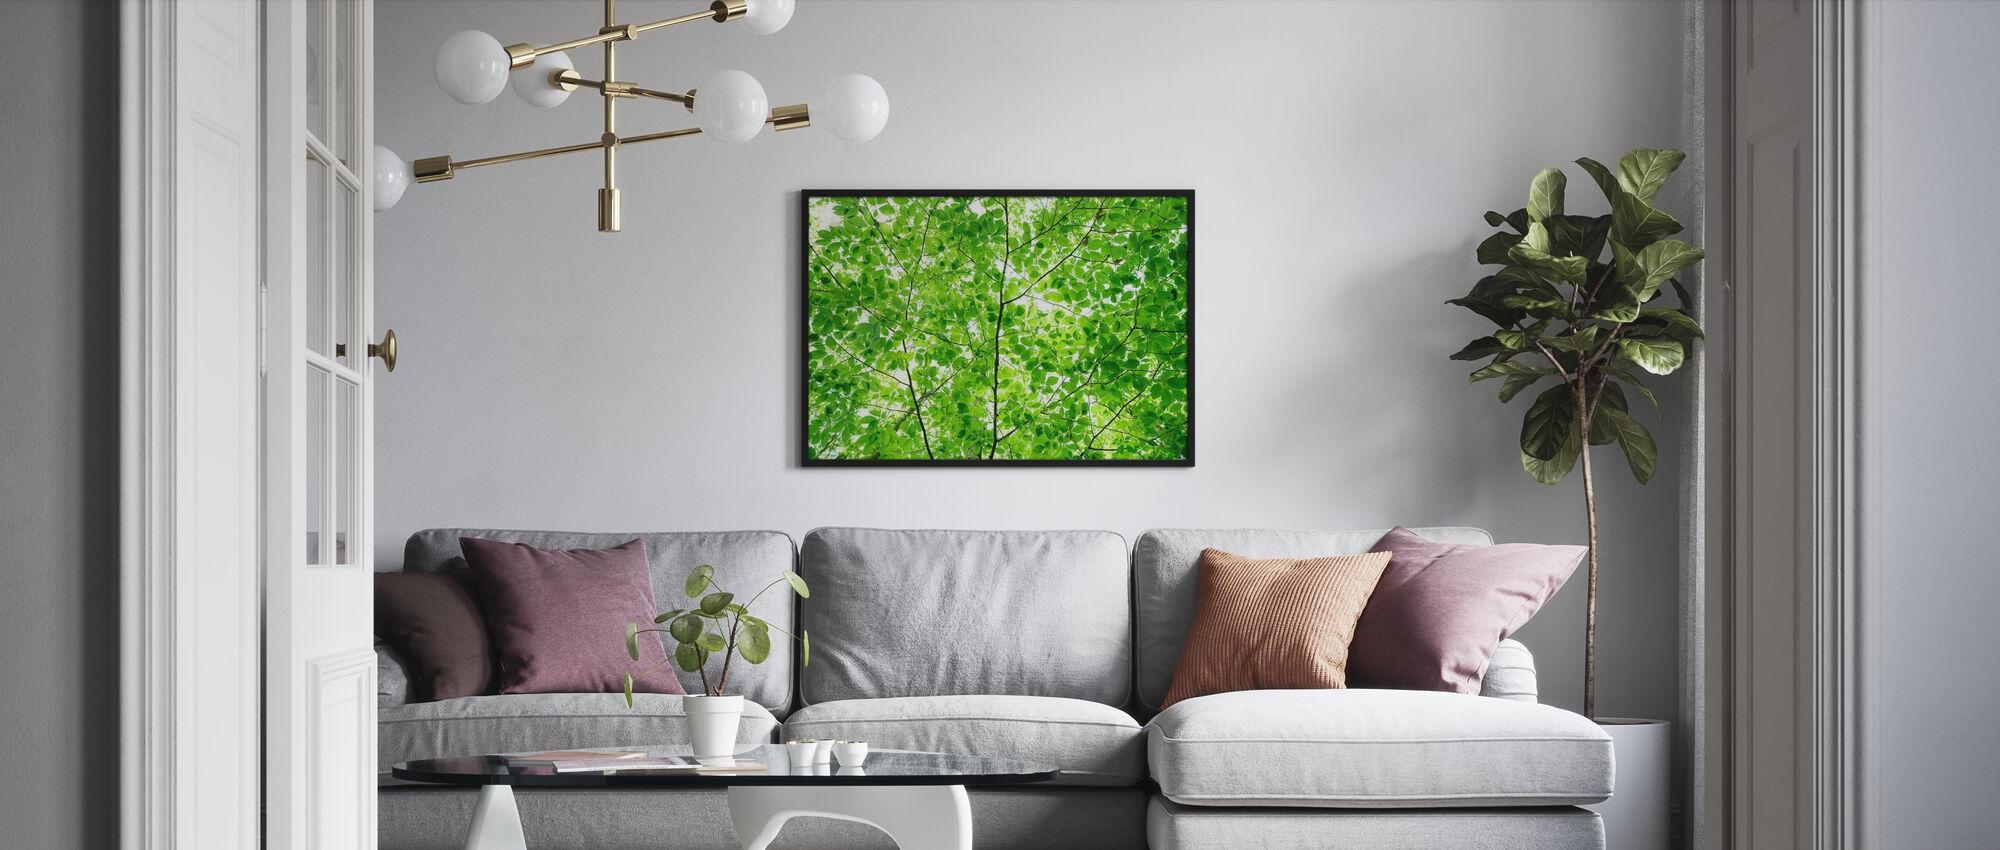 Wall of Fresh Leaves - Framed print - Living Room